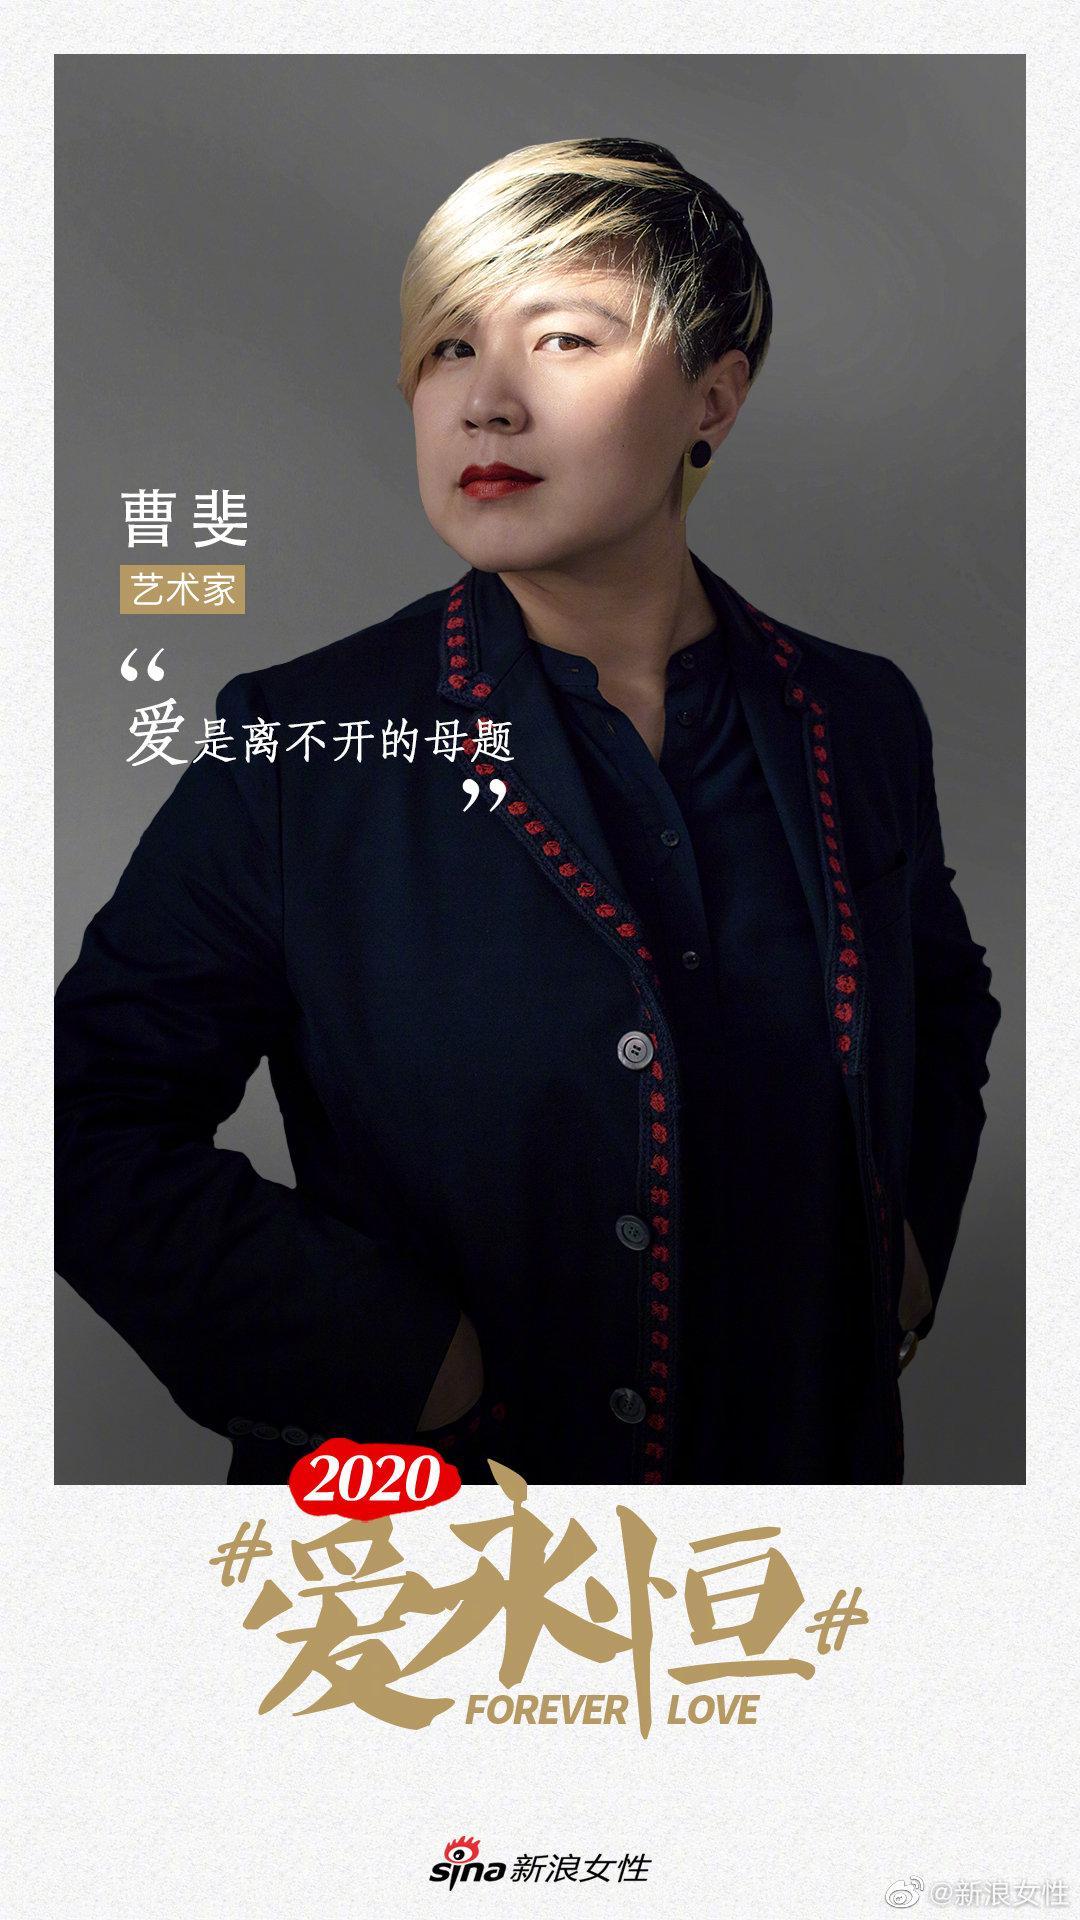 2020爱永恒对话曹斐:爱是离不开的母题